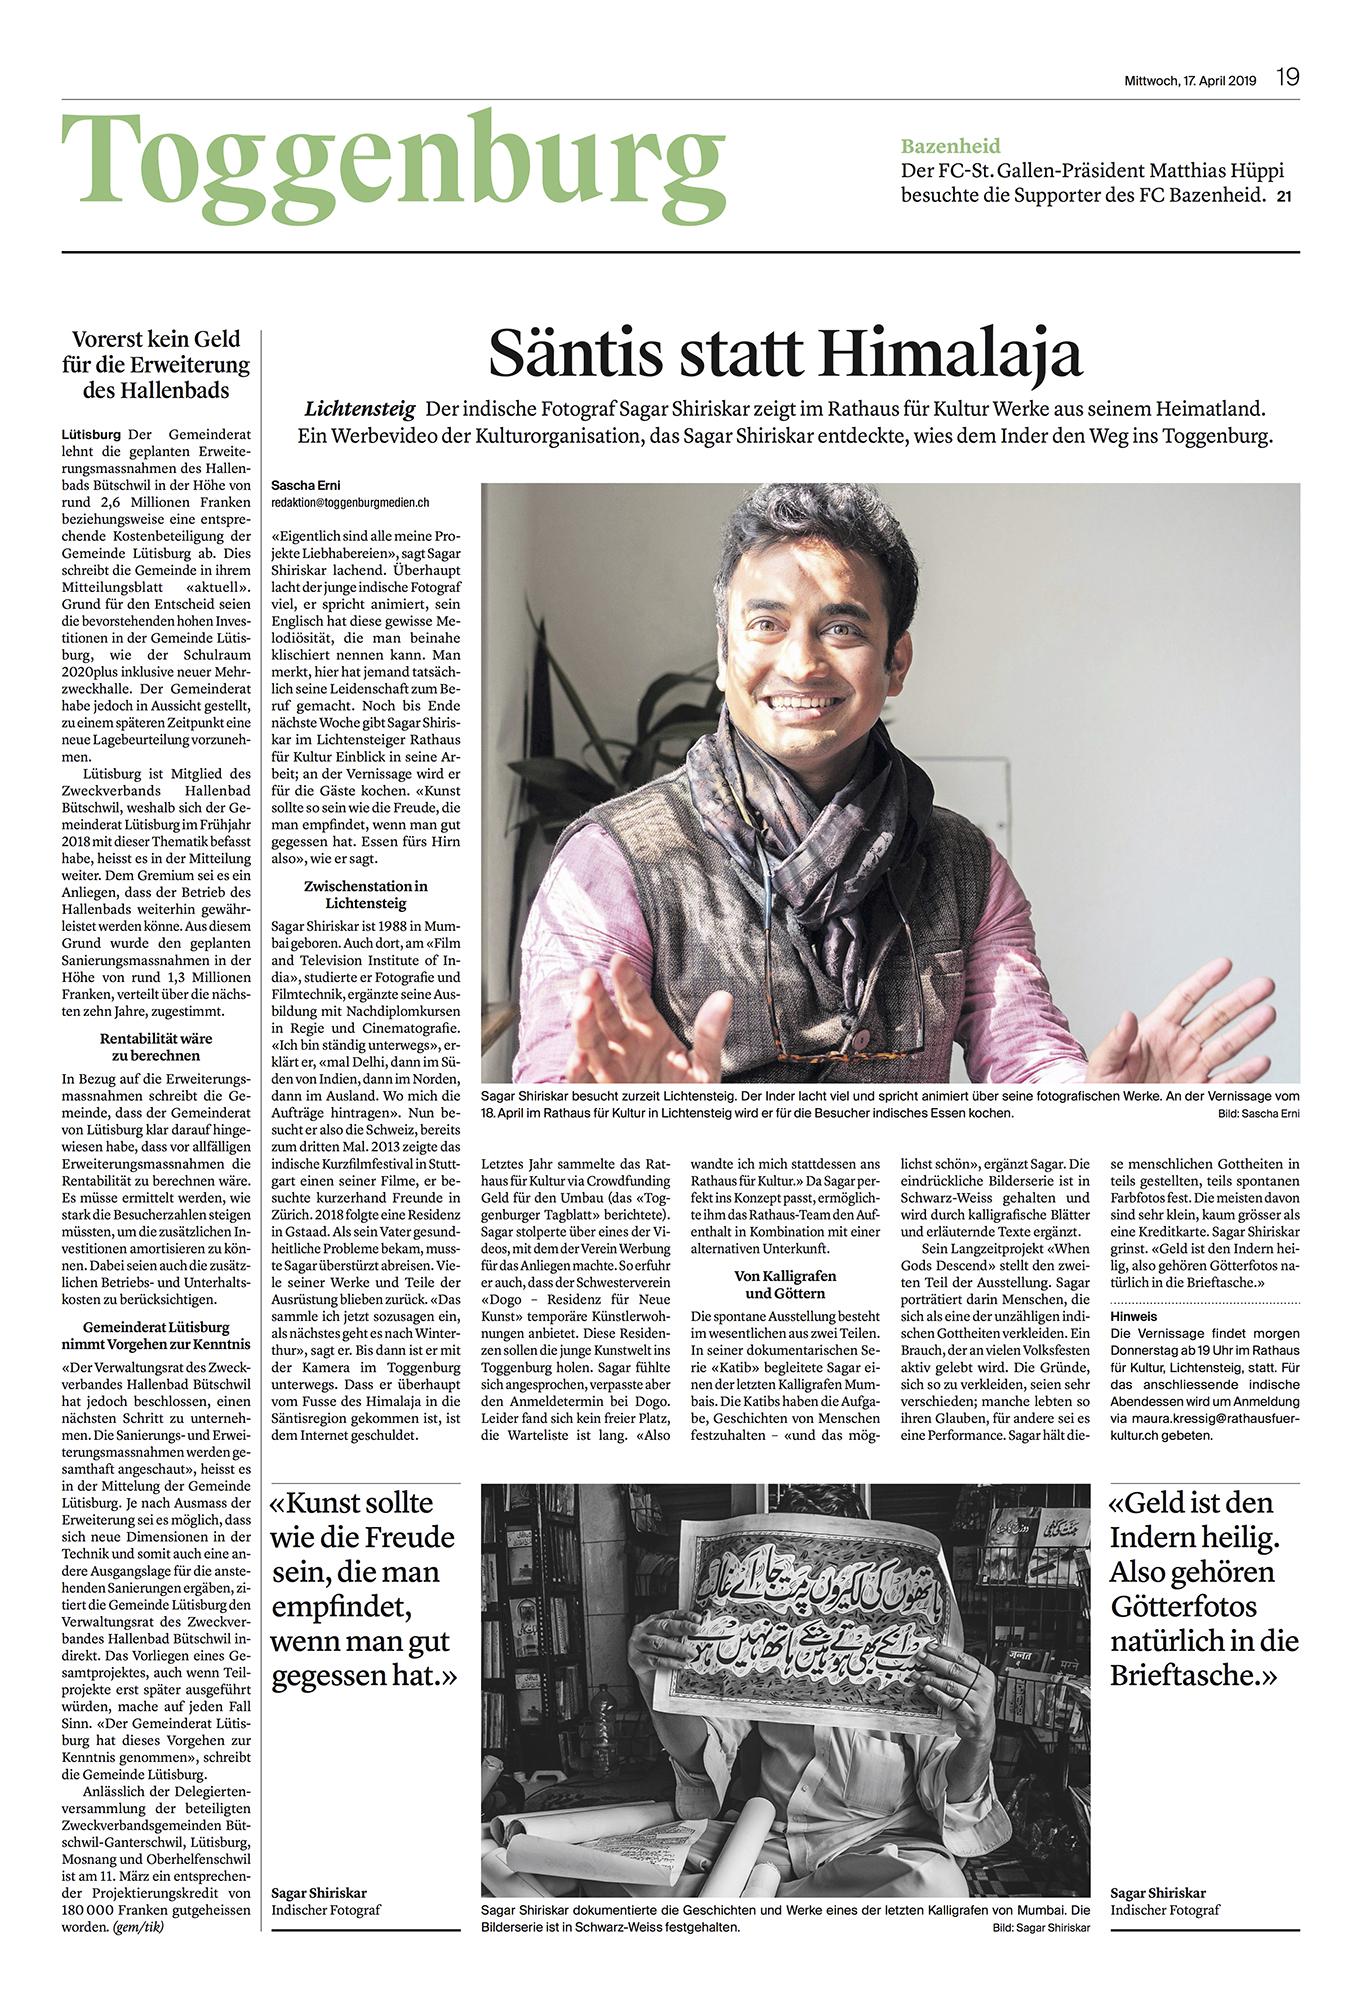 Toggenburger Tagblatt, 17.4.2019 2.jpg